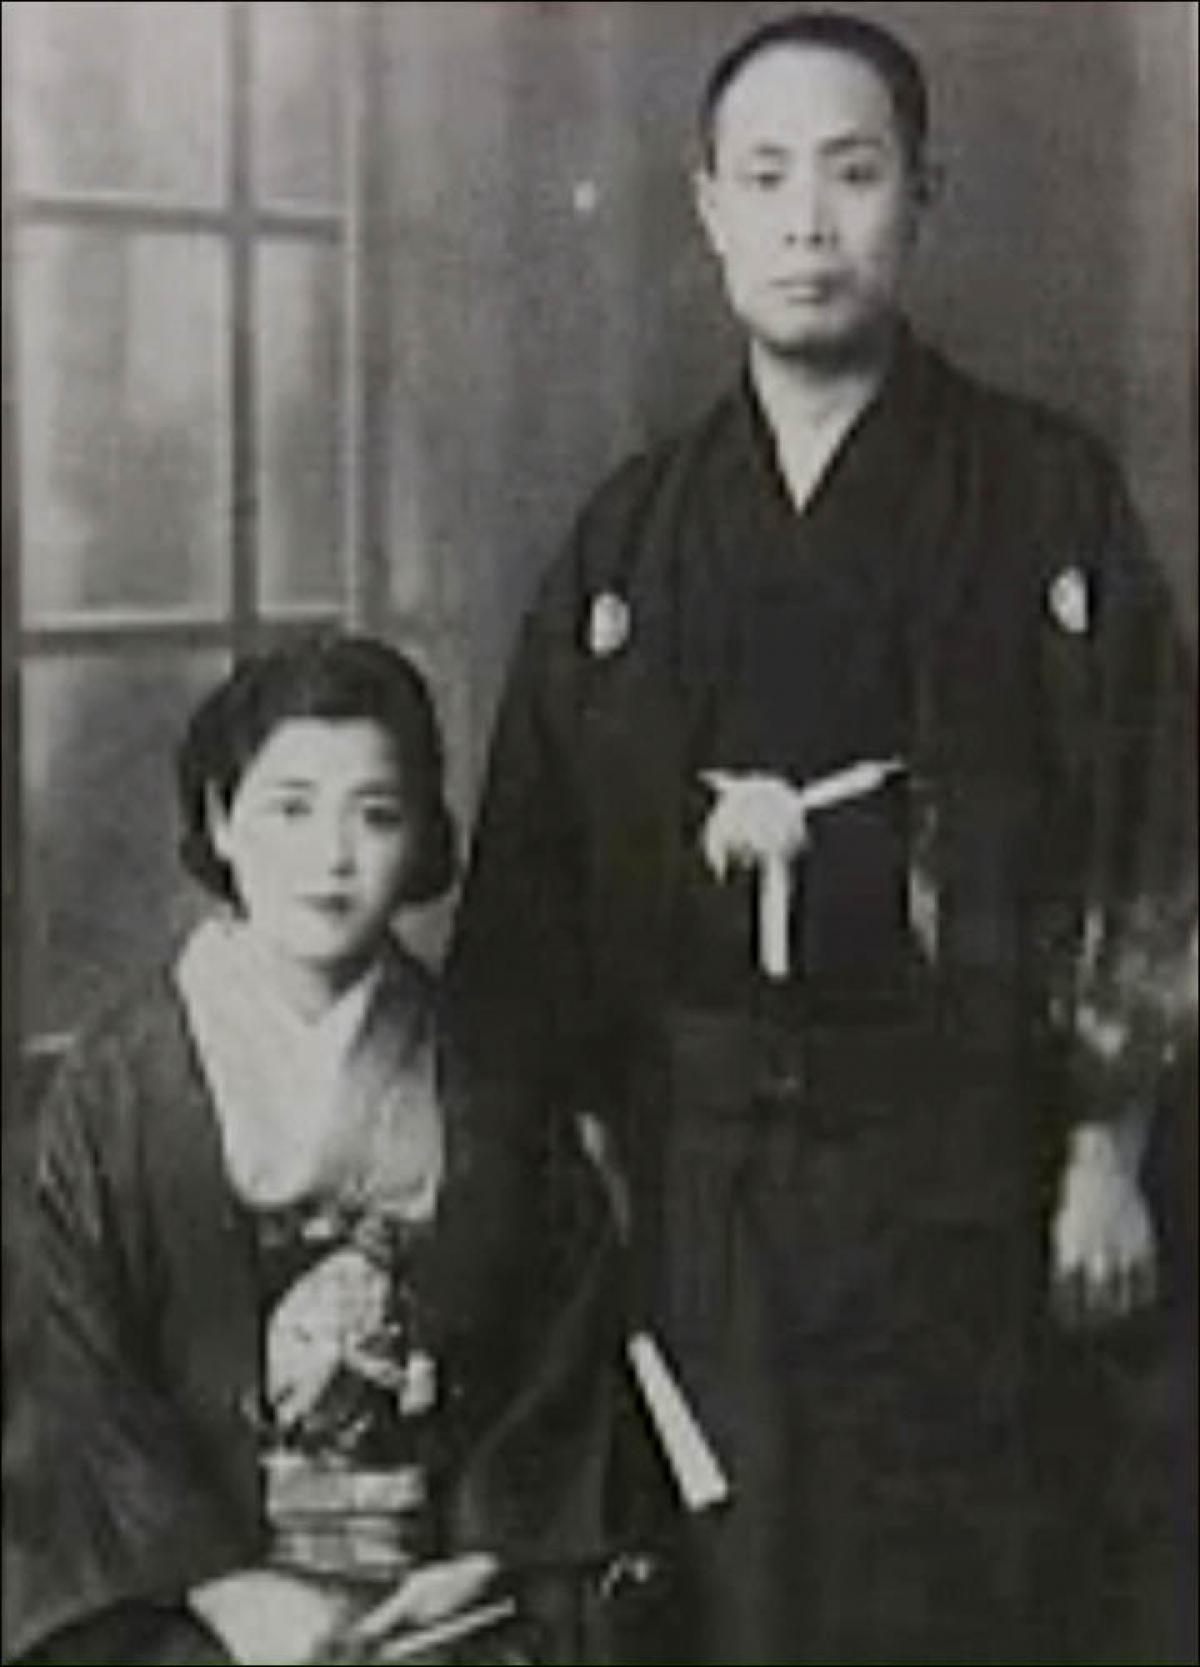 Ông Yasaburo và người vợ ở Nhật Bản, bà Hisako. Ảnh: RT en español